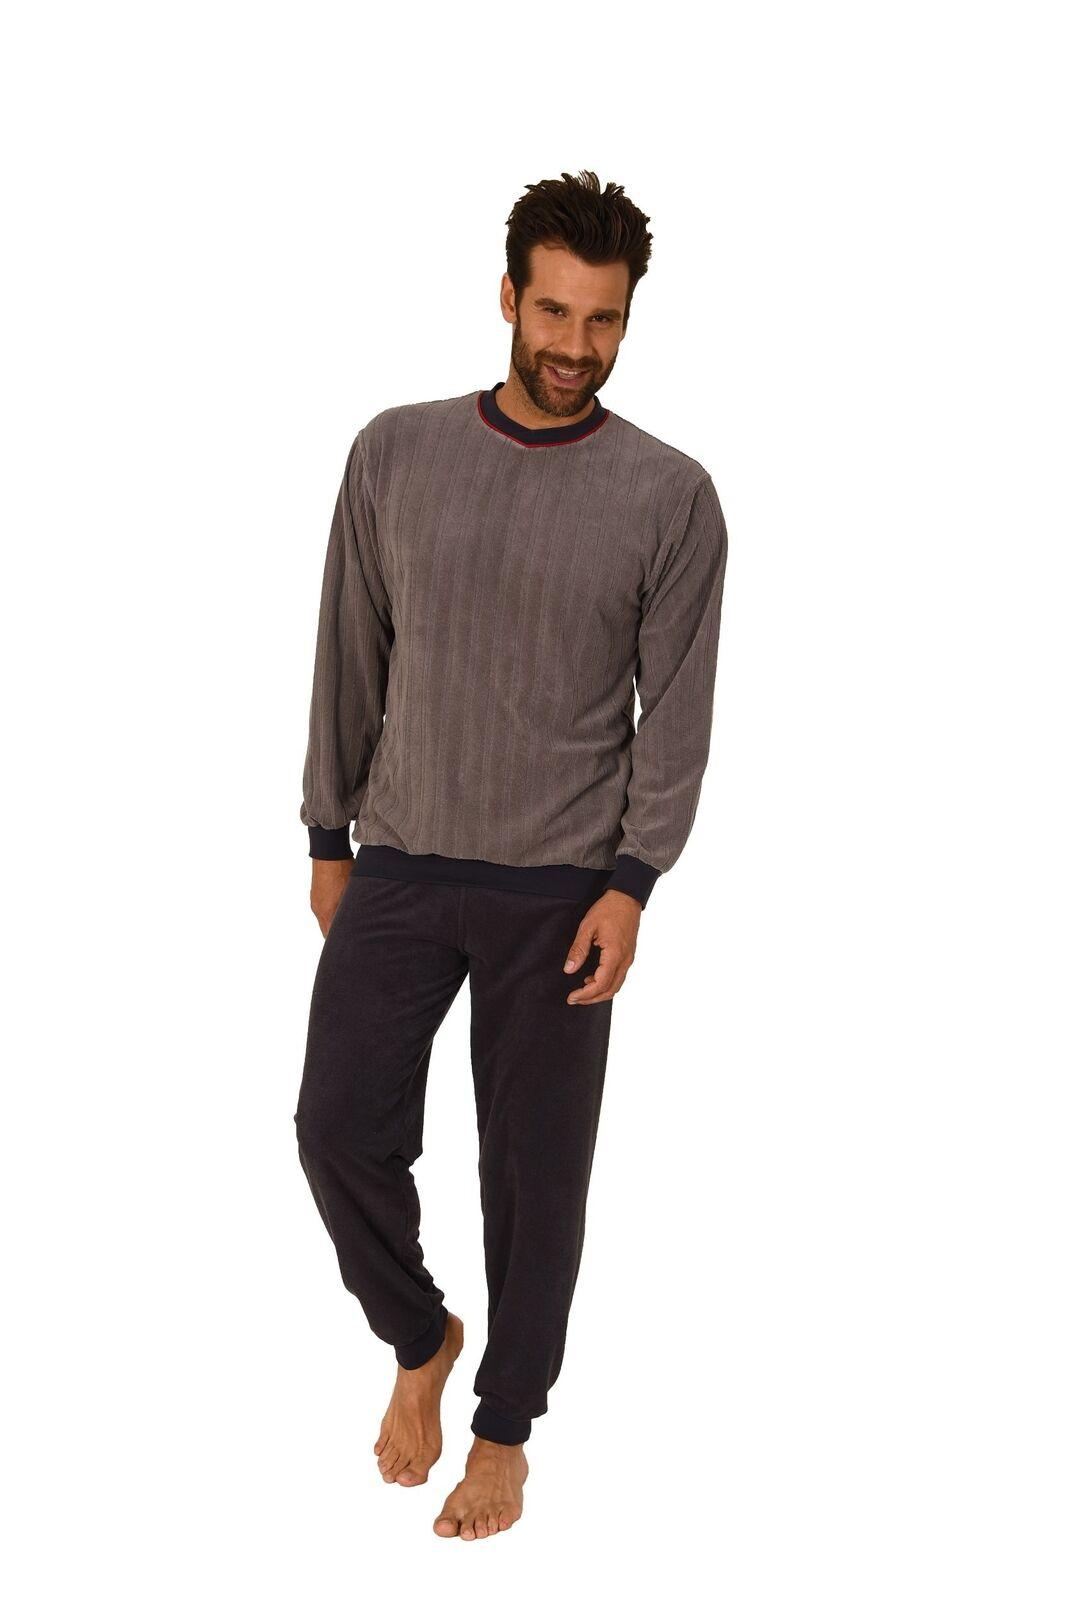 Herren Schlafanzug mit Bündchen Pyjama – auch in Übergrössen 60 62 64 66 68 70